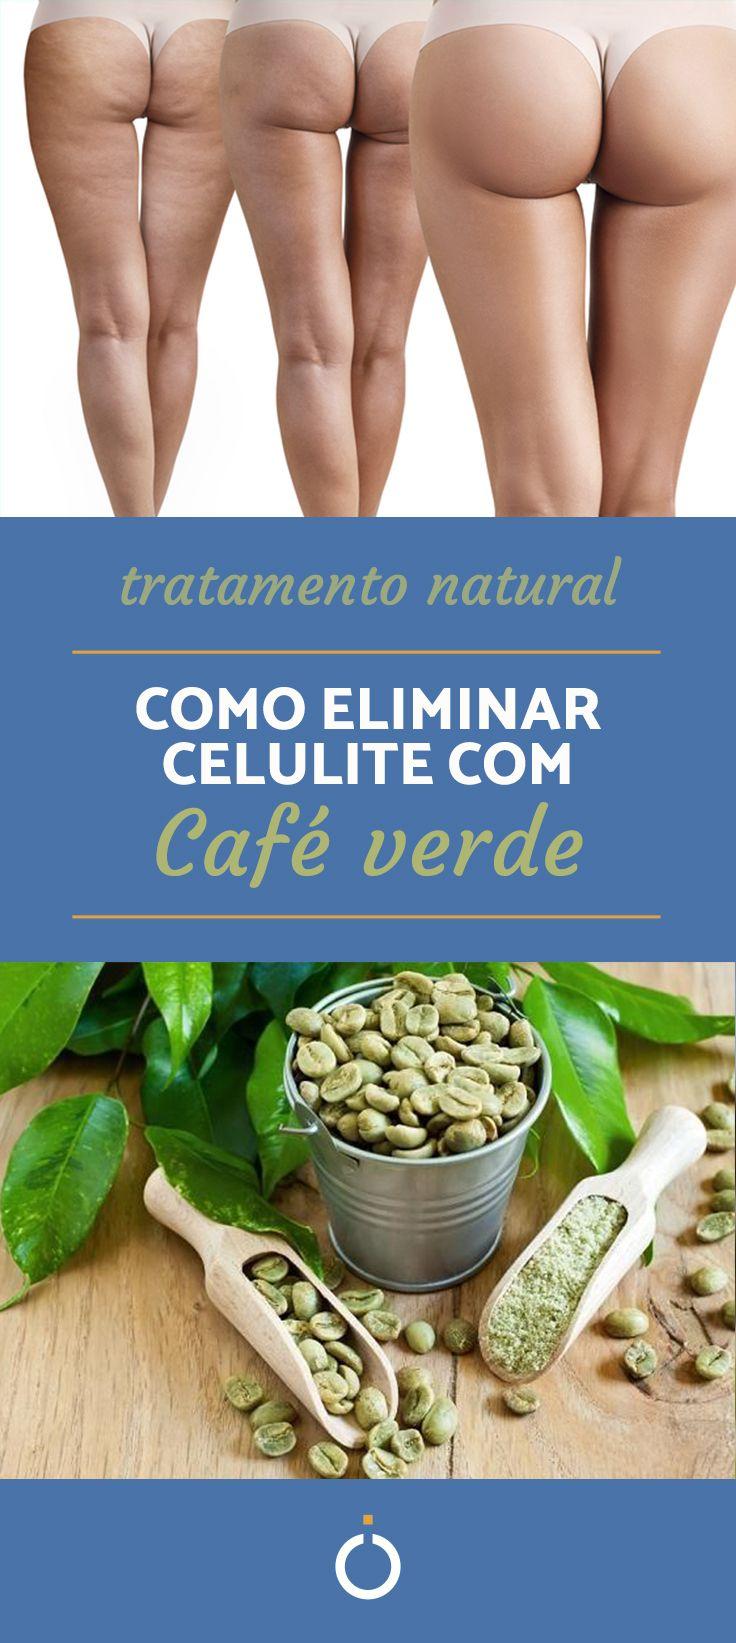 Você sabia que o CAFÉ VERDE é um grande inimigo da CELULITE?! Entre no artigo e descubra como eliminar celulite com café verde de um jeito fácil, econômico e natural! #celulite #pele #beleza #mulher #corpo #remédionatural